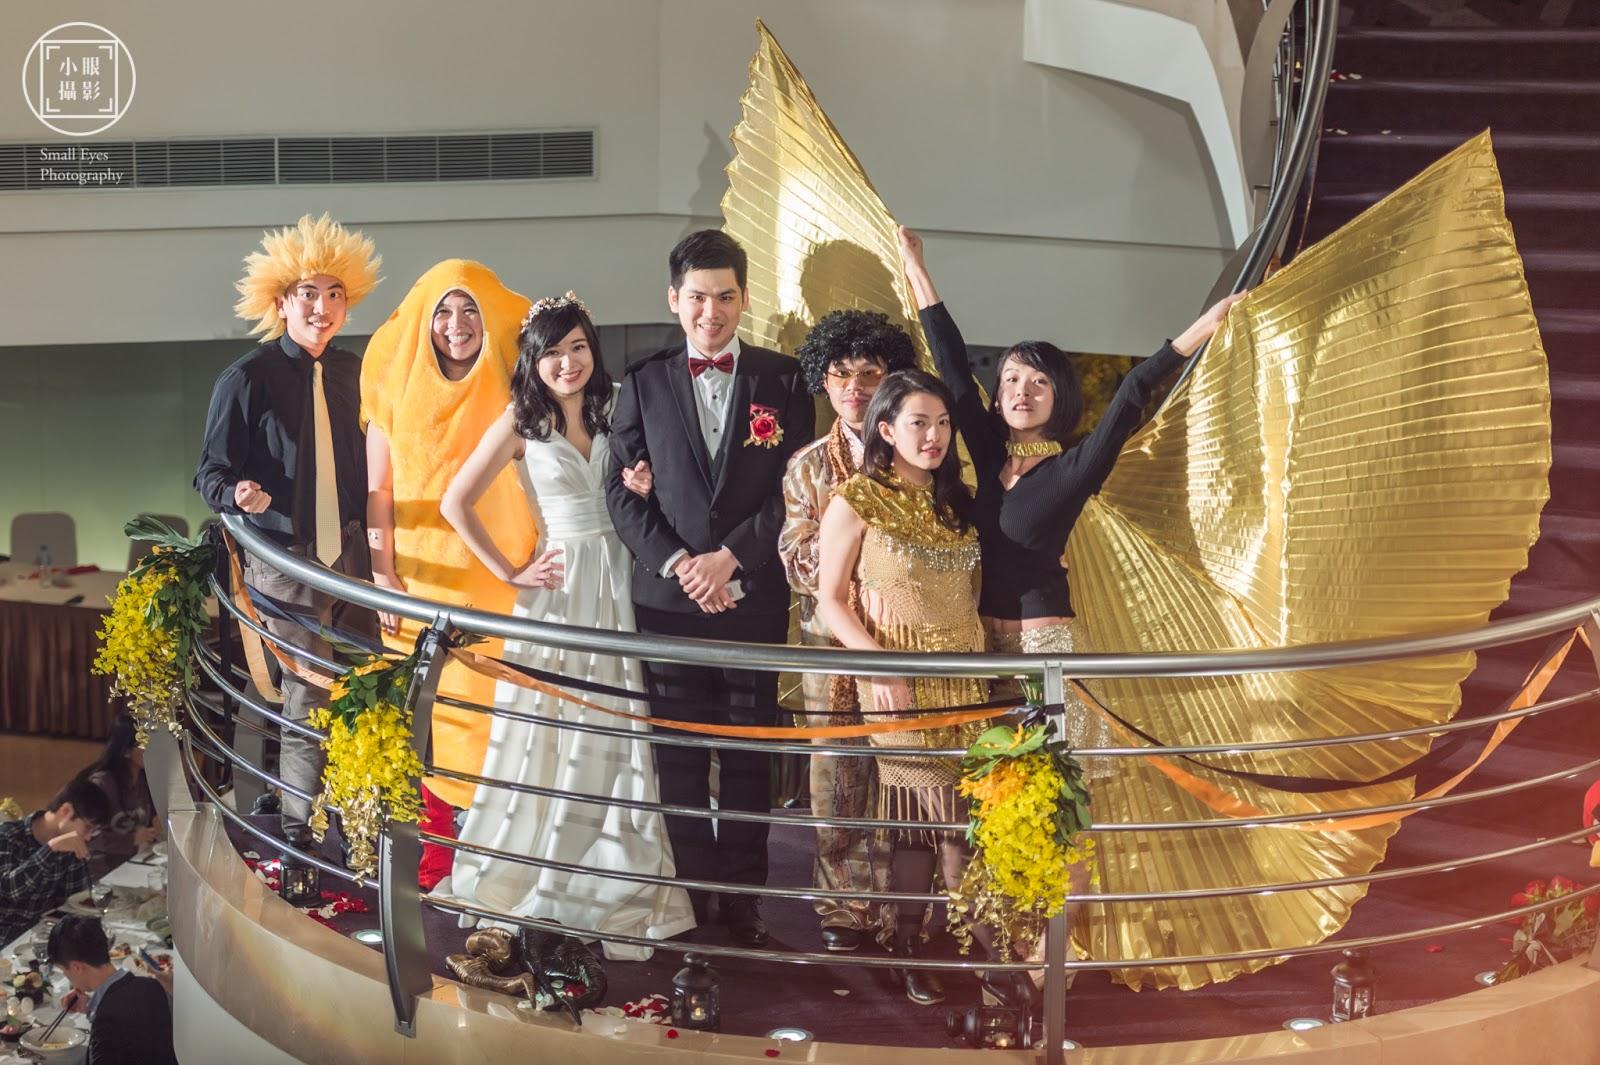 婚攝,小眼攝影,婚禮紀實,婚禮紀錄,婚紗,國內婚紗,海外婚紗,寫真,婚攝小眼,新竹,國賓,新秘,susan